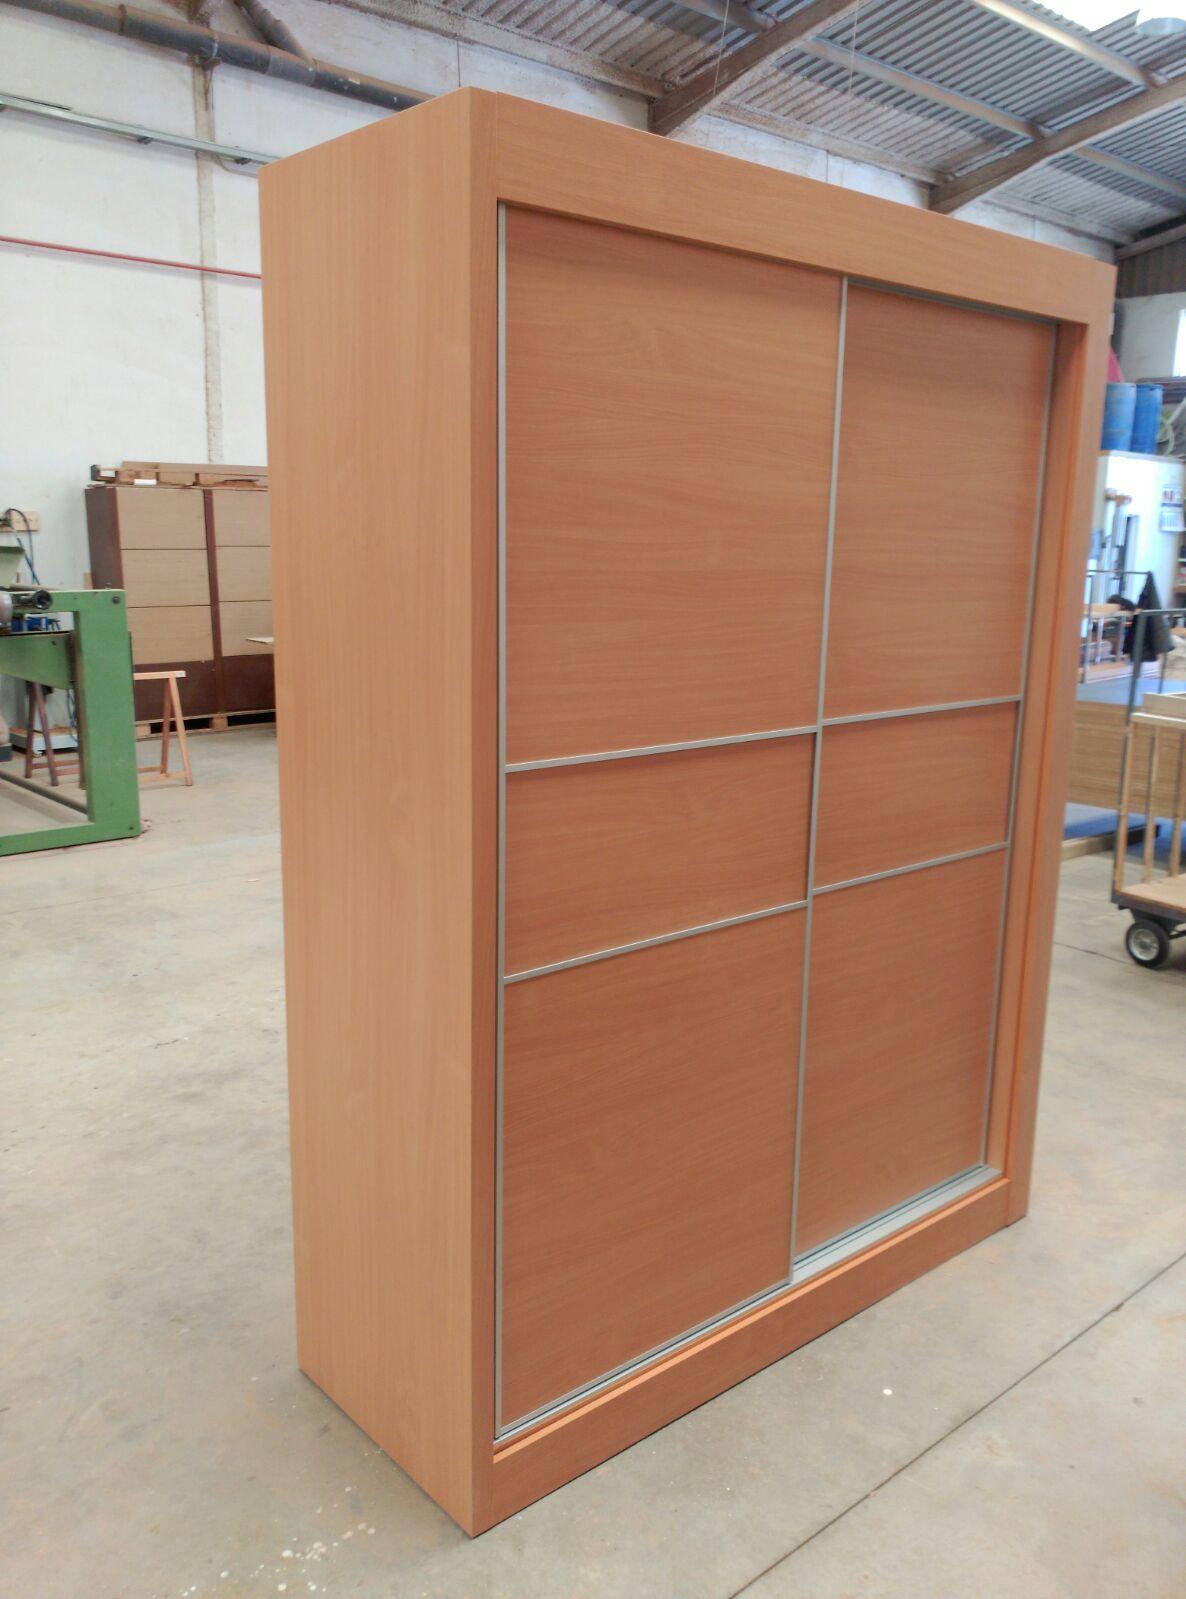 Armarios fabrica fabricacion muebles a medida valencia 19 for Fabrica muebles valencia